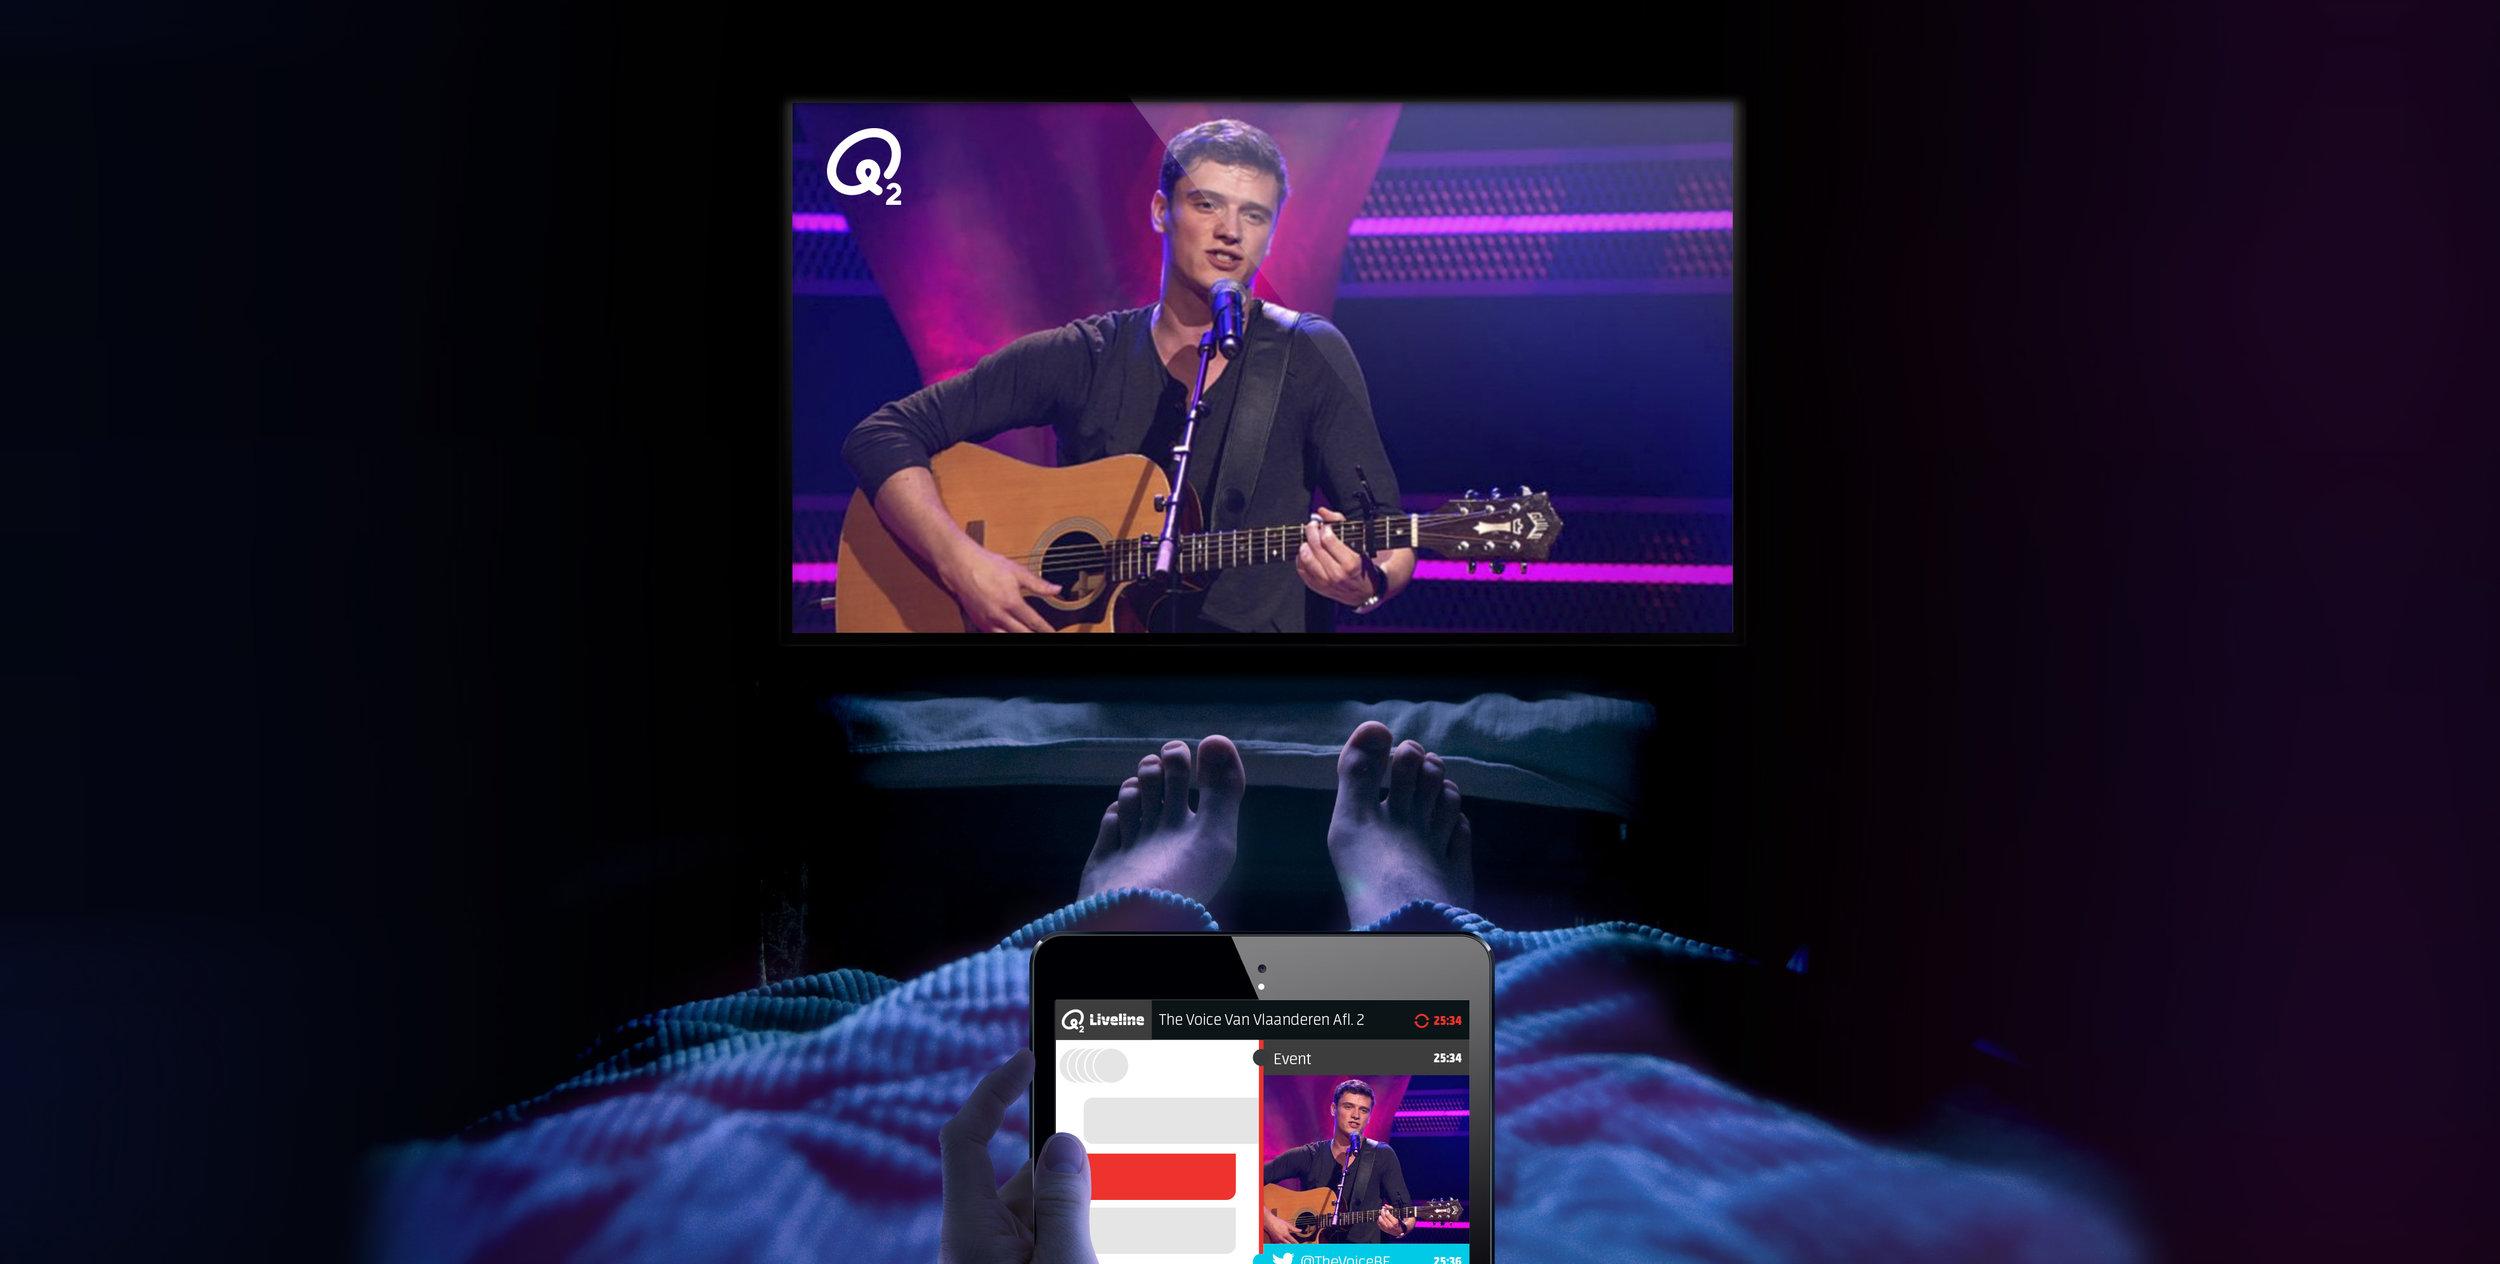 📺 Liveline - mobile